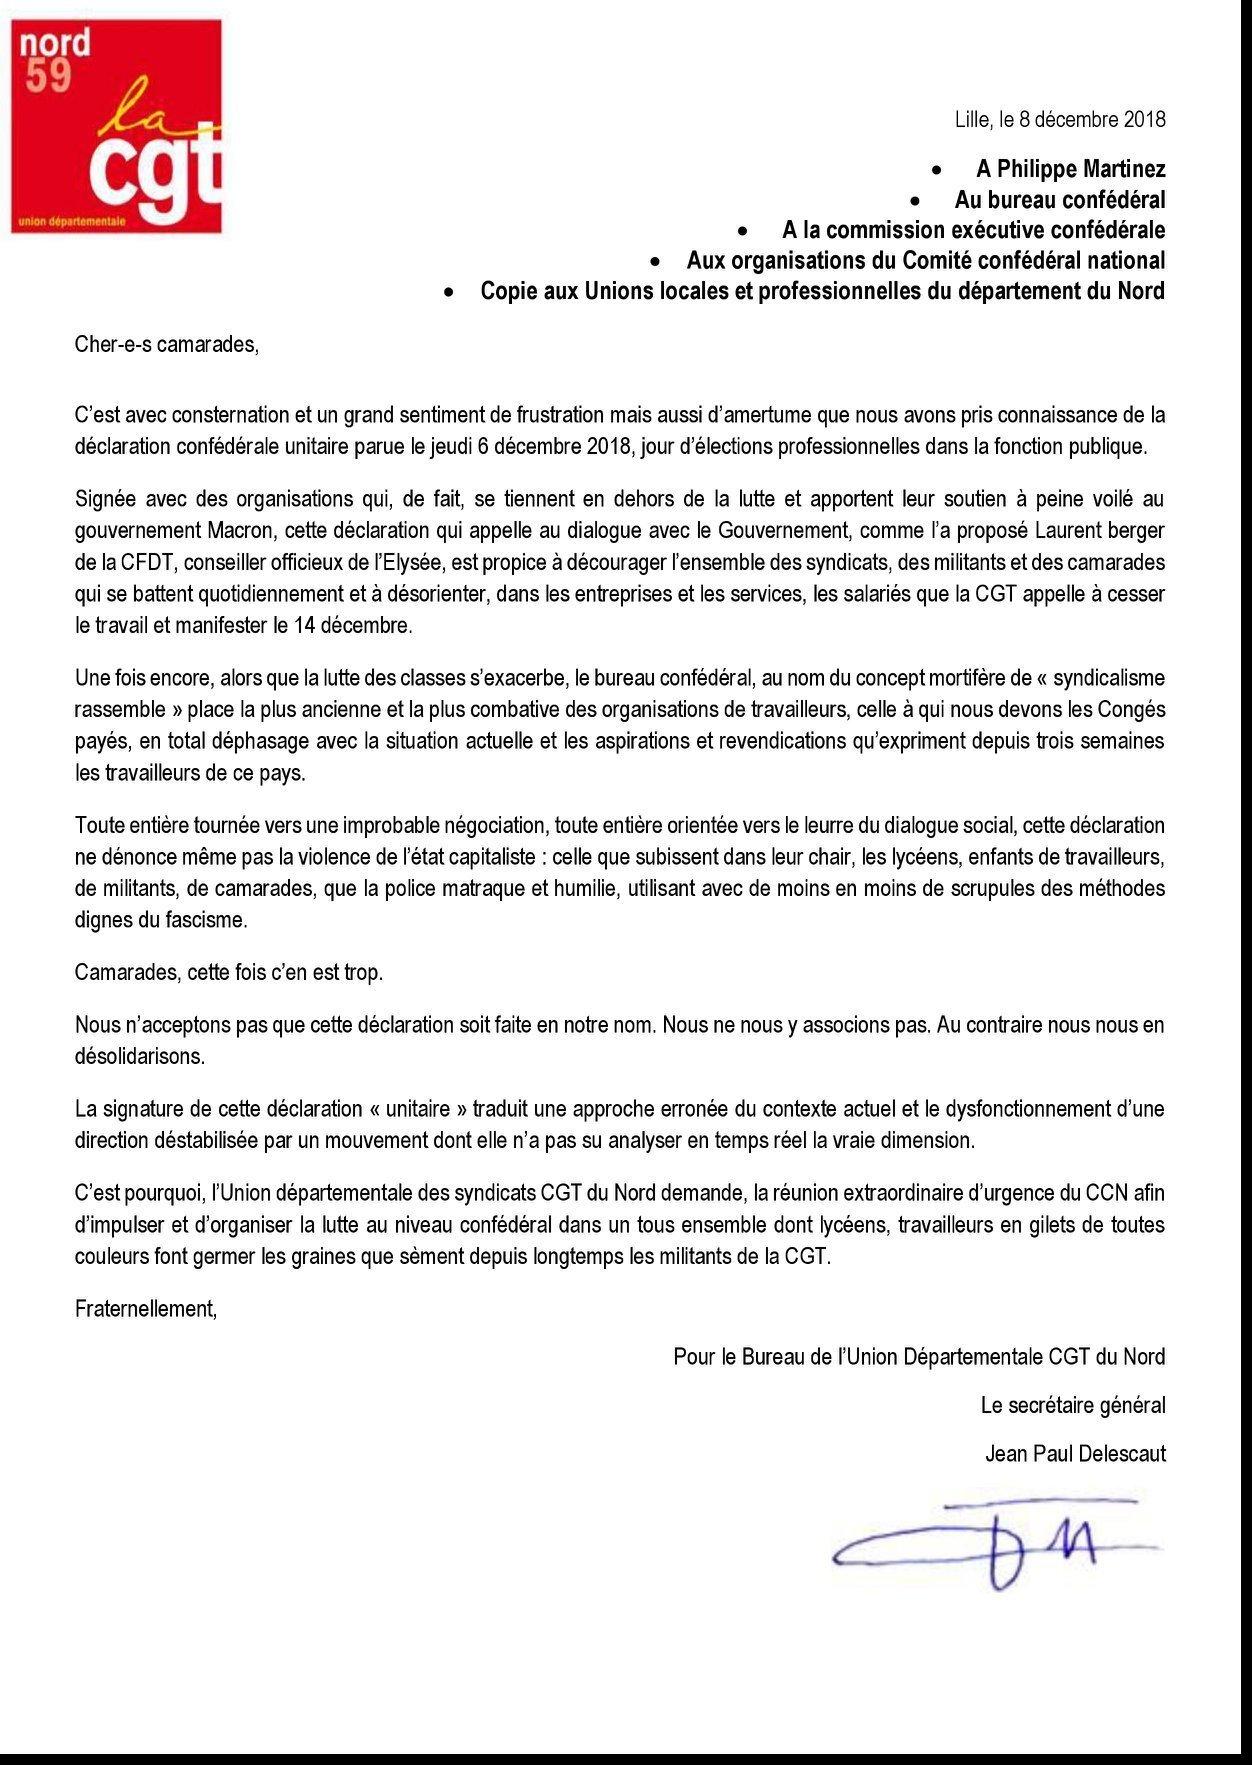 Courrier de l'union départementale CGT 59 au sujet de la déclaration confédérale du 6 décembre 2018